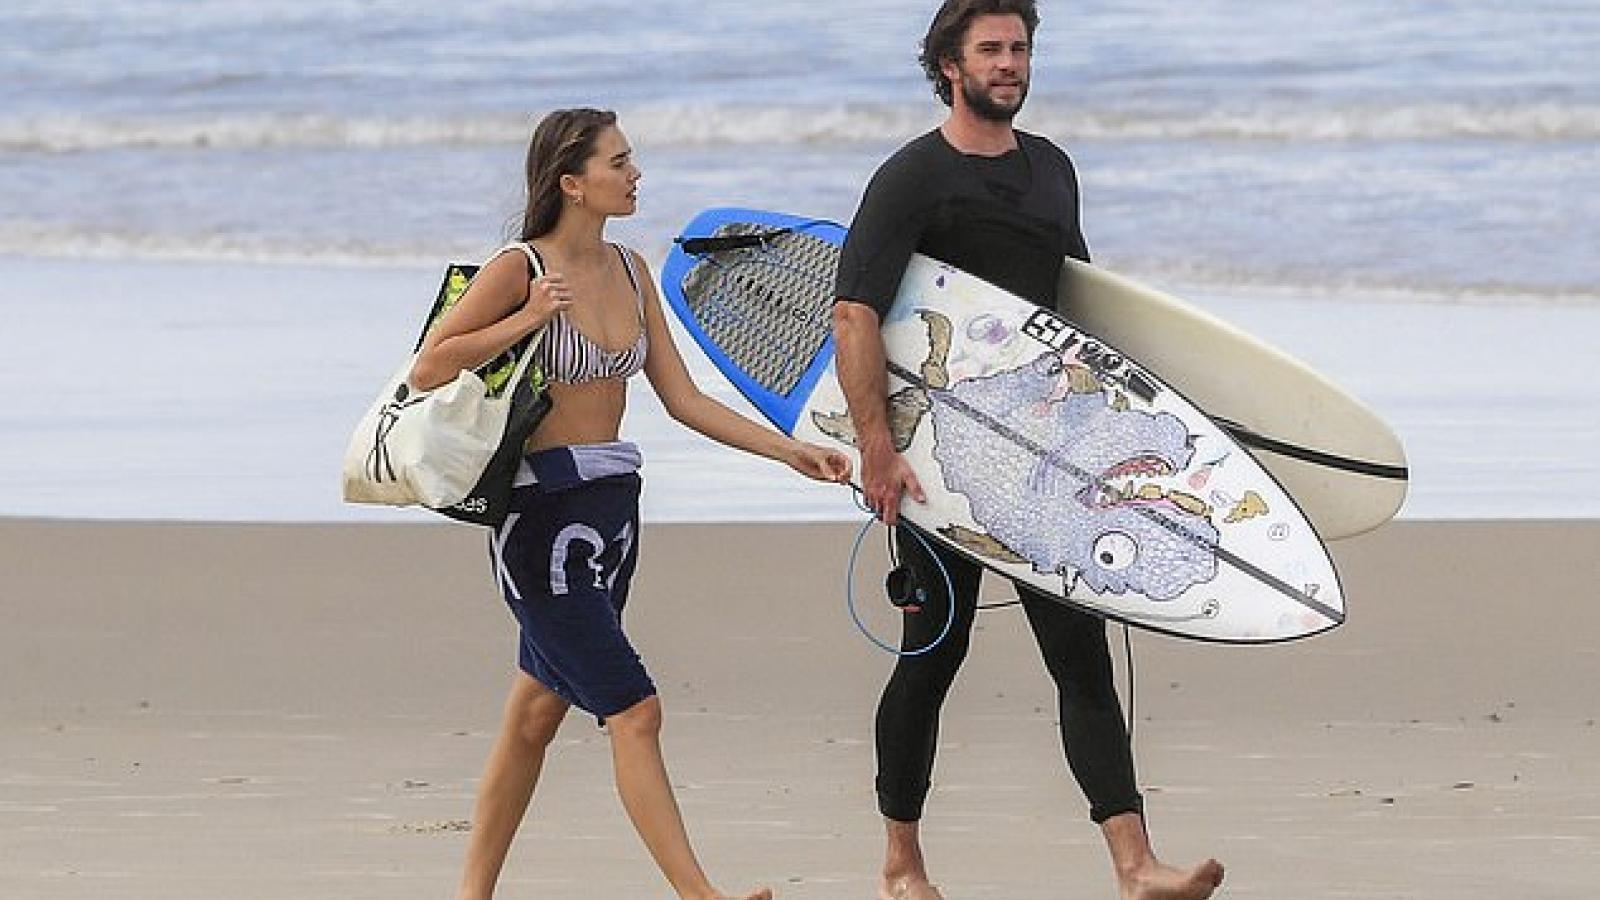 Tài tử Liam Hemsworth và bạn gái xinh đẹp vui vẻ dạo biển